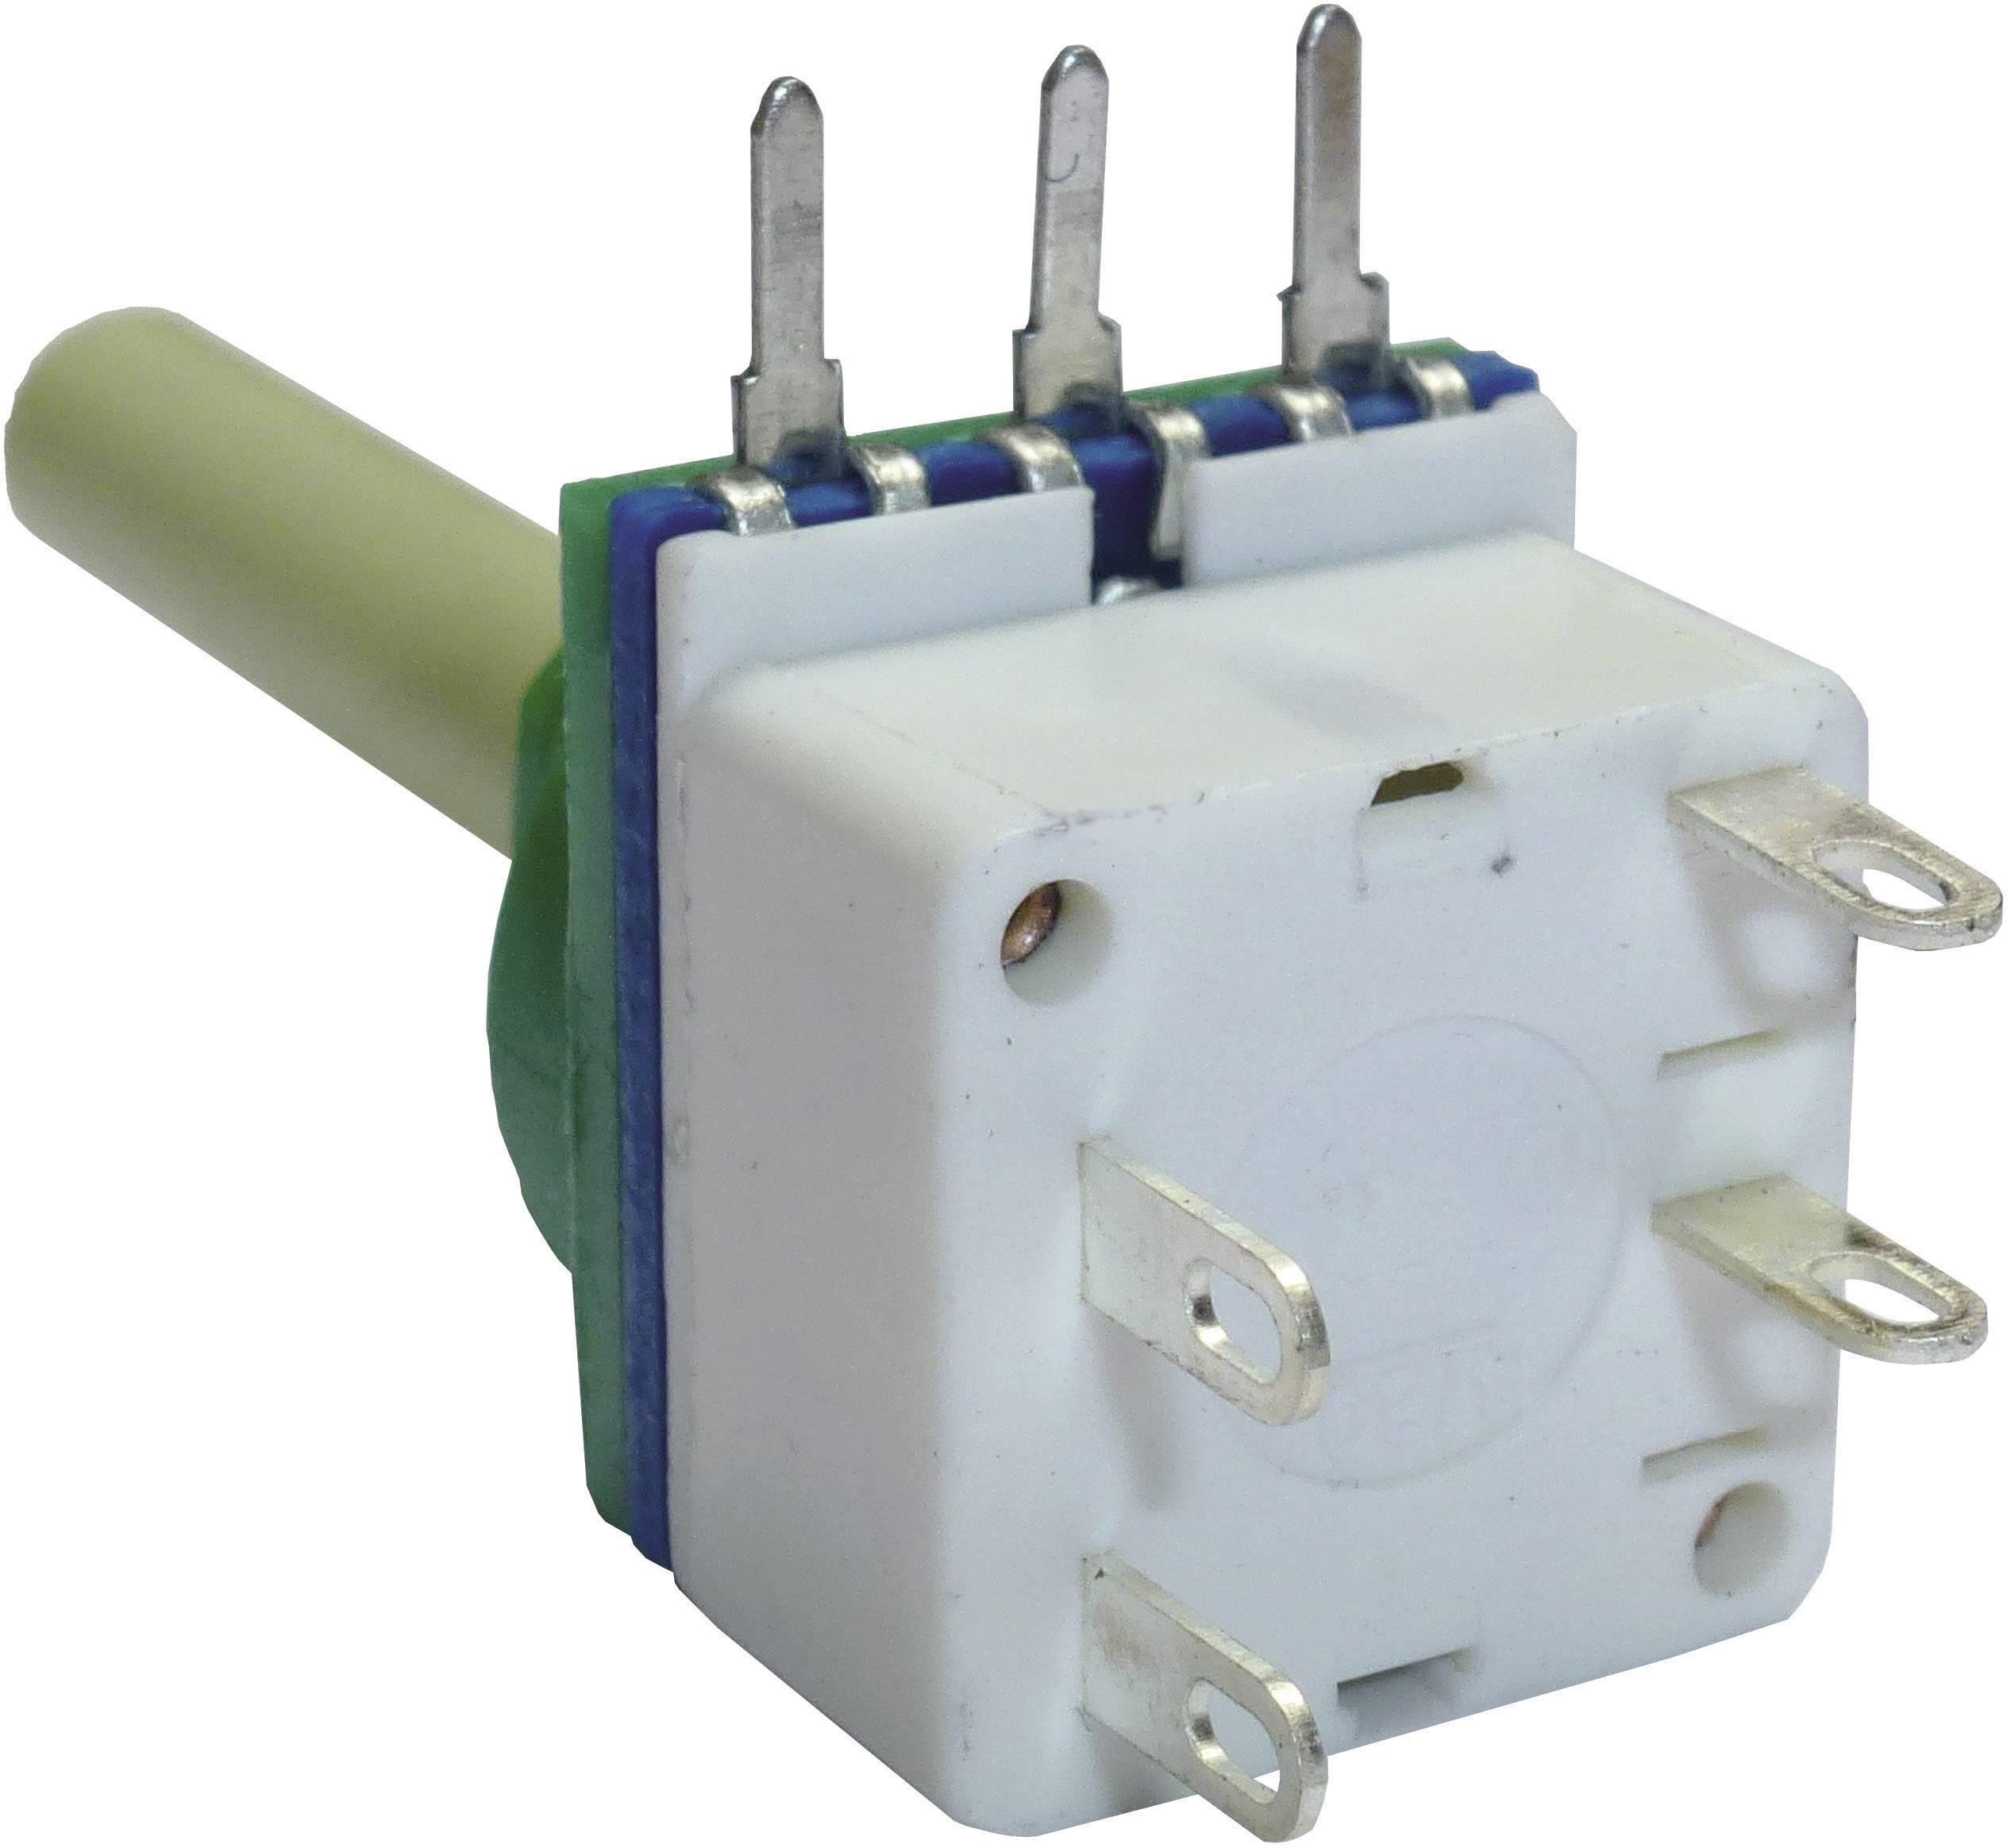 Otočný potenciometer so spínačom mono Potentiometer Service GmbH 7521 7521, 1 MOhm, 1 ks